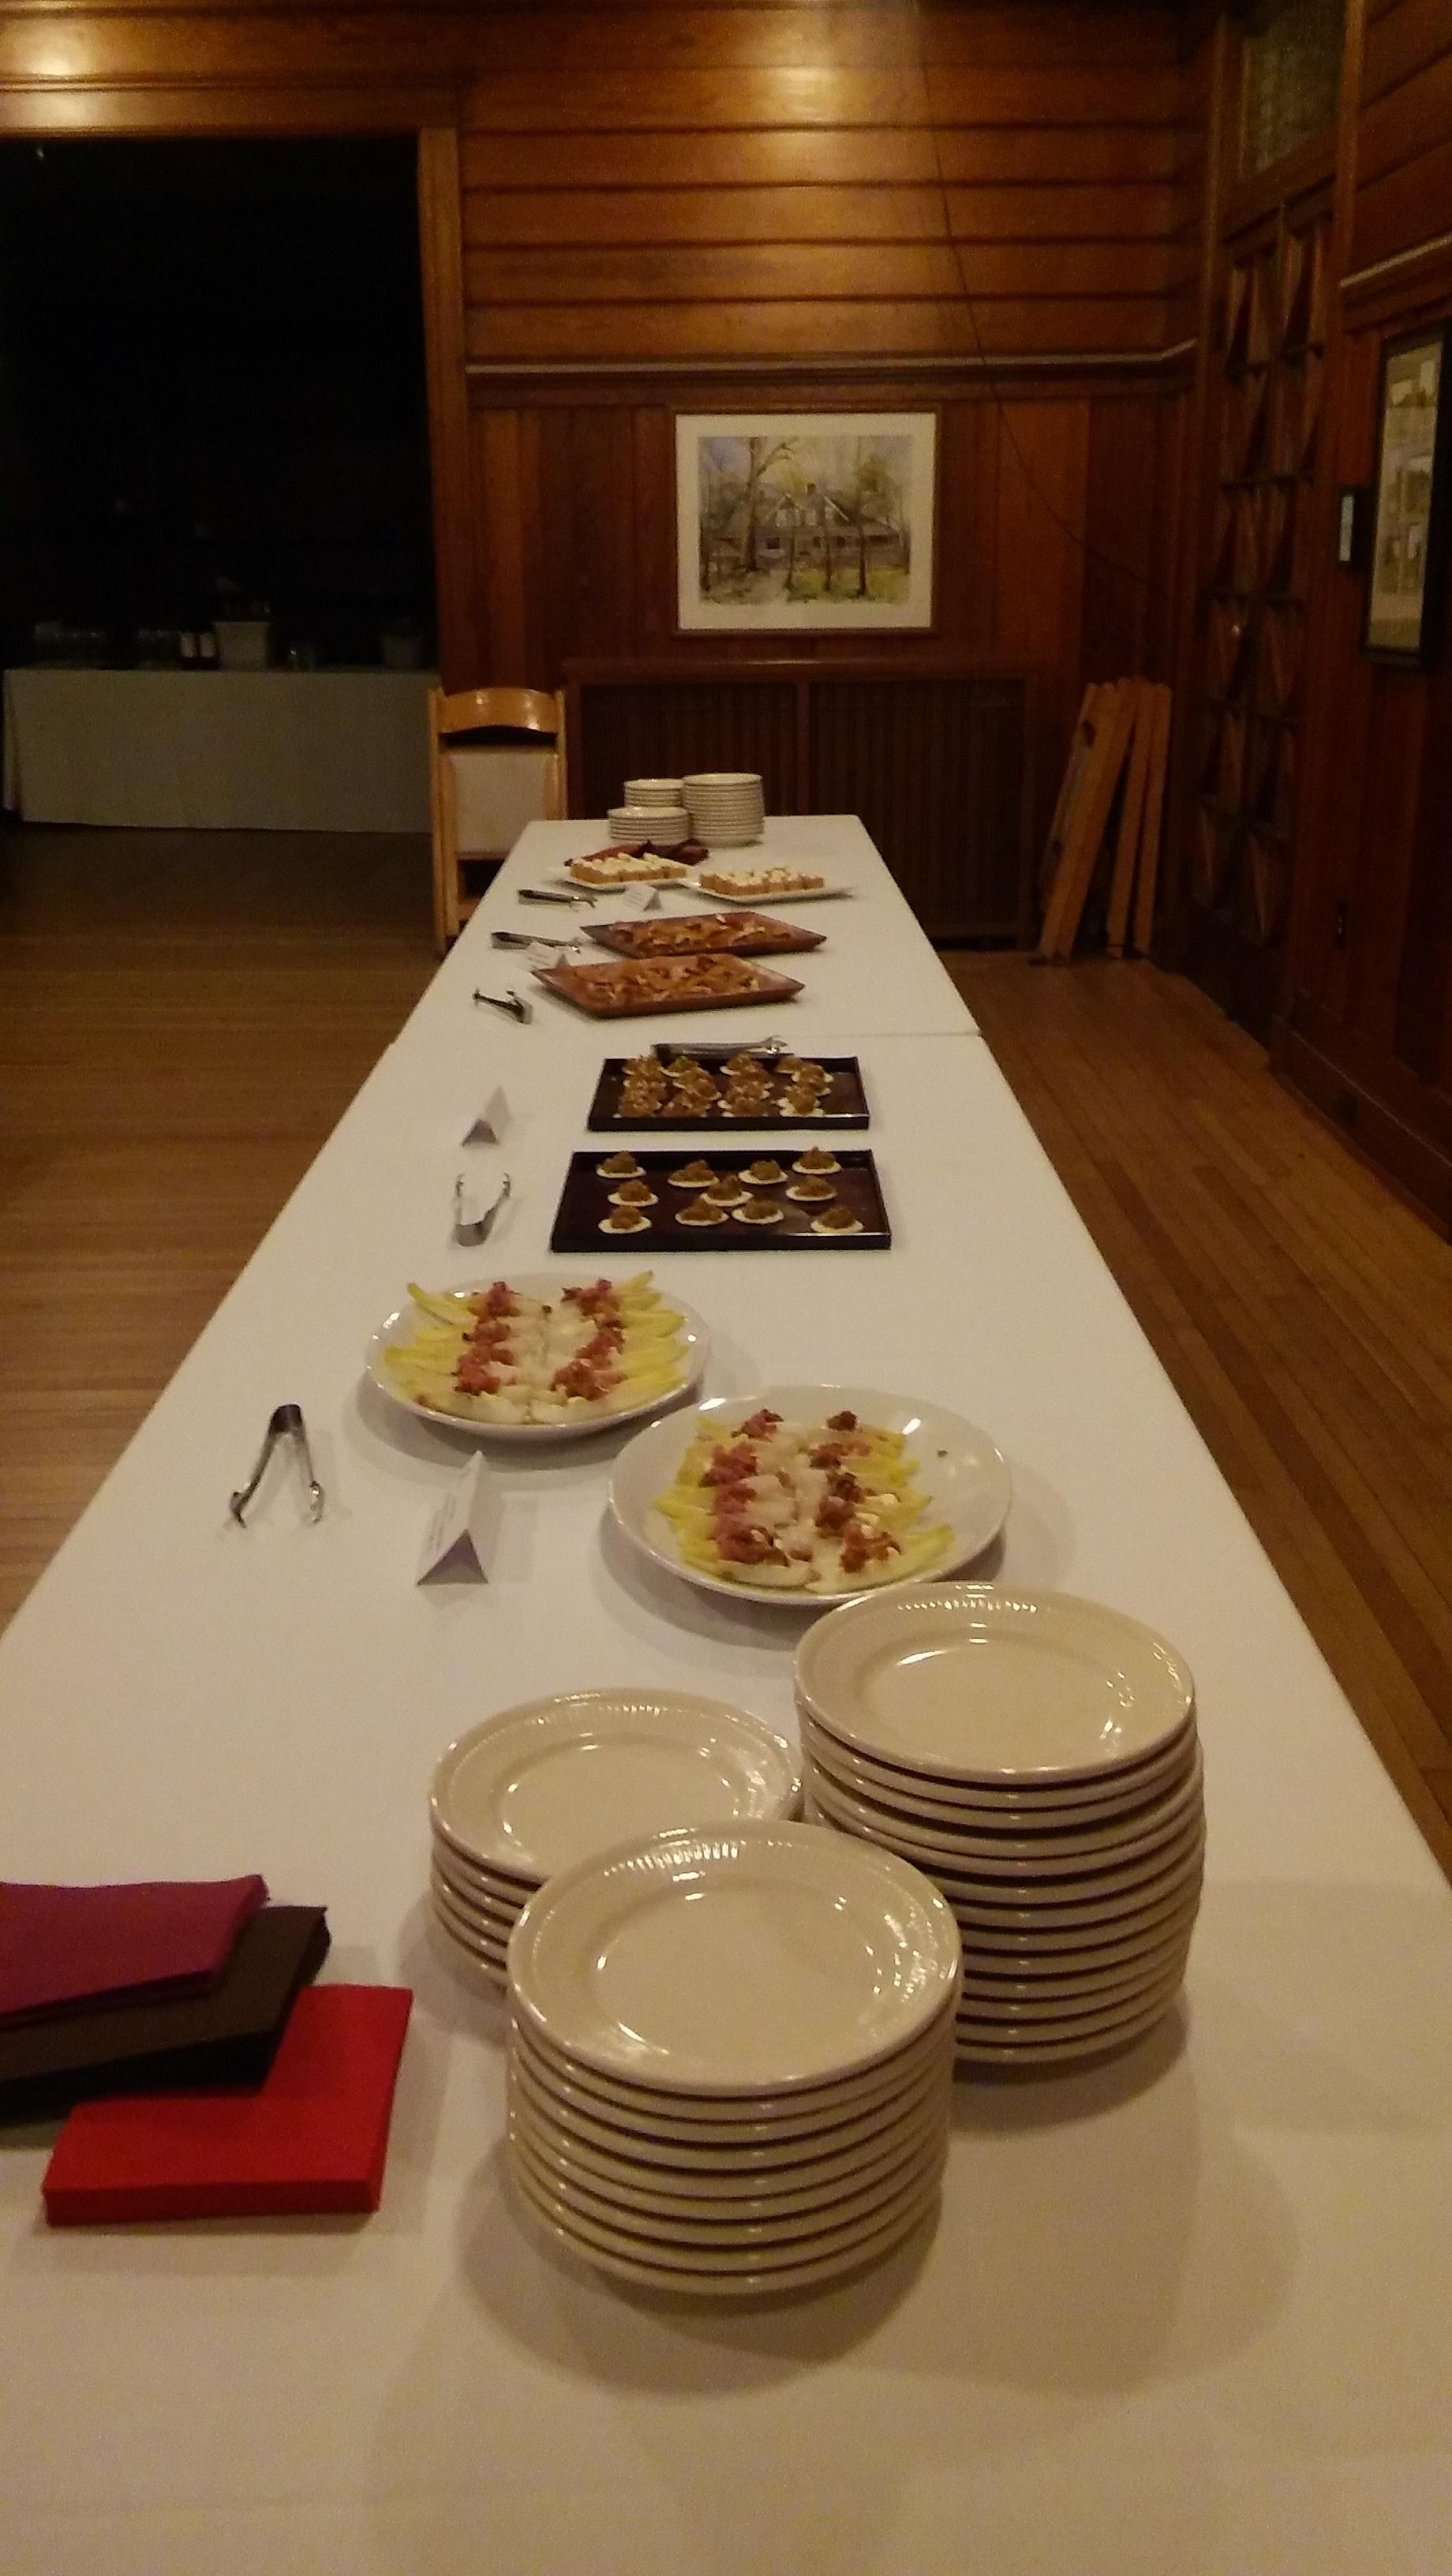 cincy persimmon table of food 2.jpg